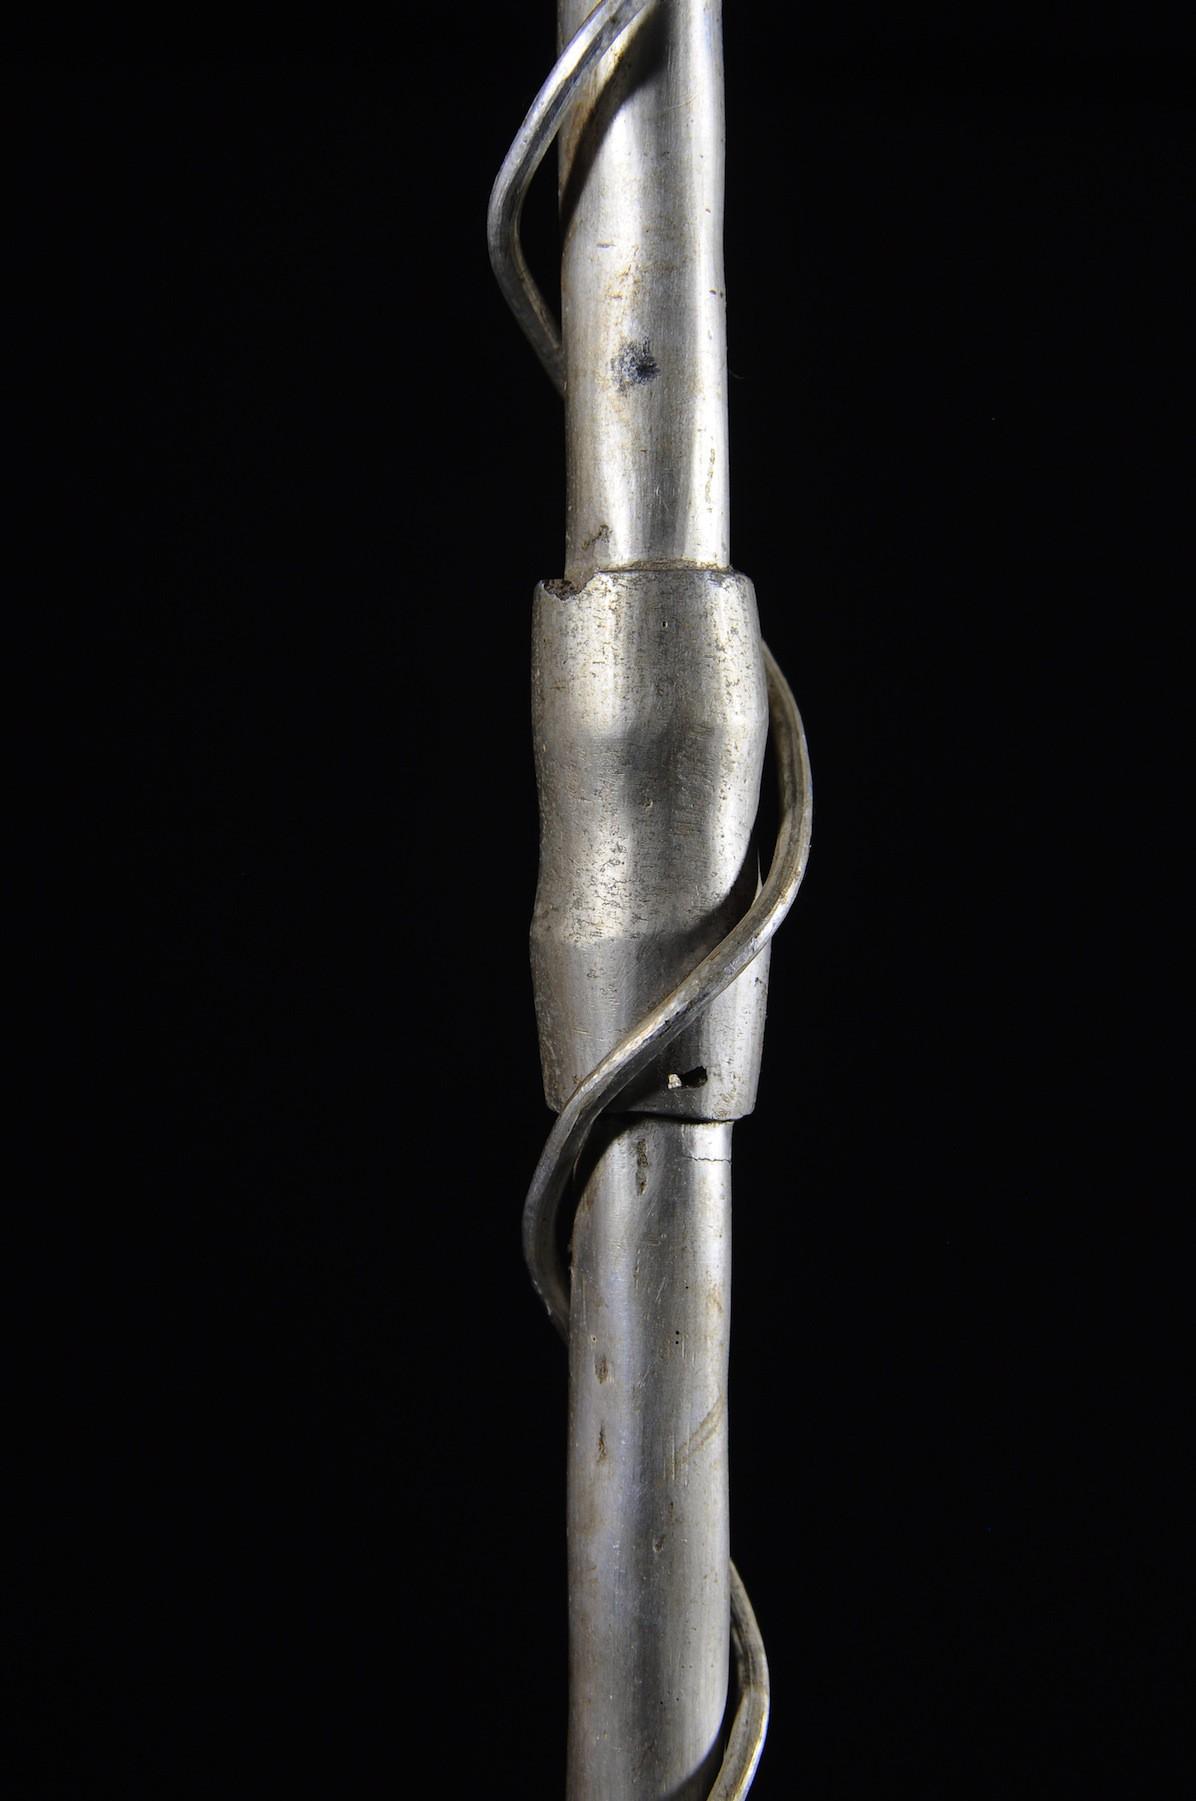 Canne epee de dignitaire en fonte aluminium - Fon - Benin - Objets de regalia